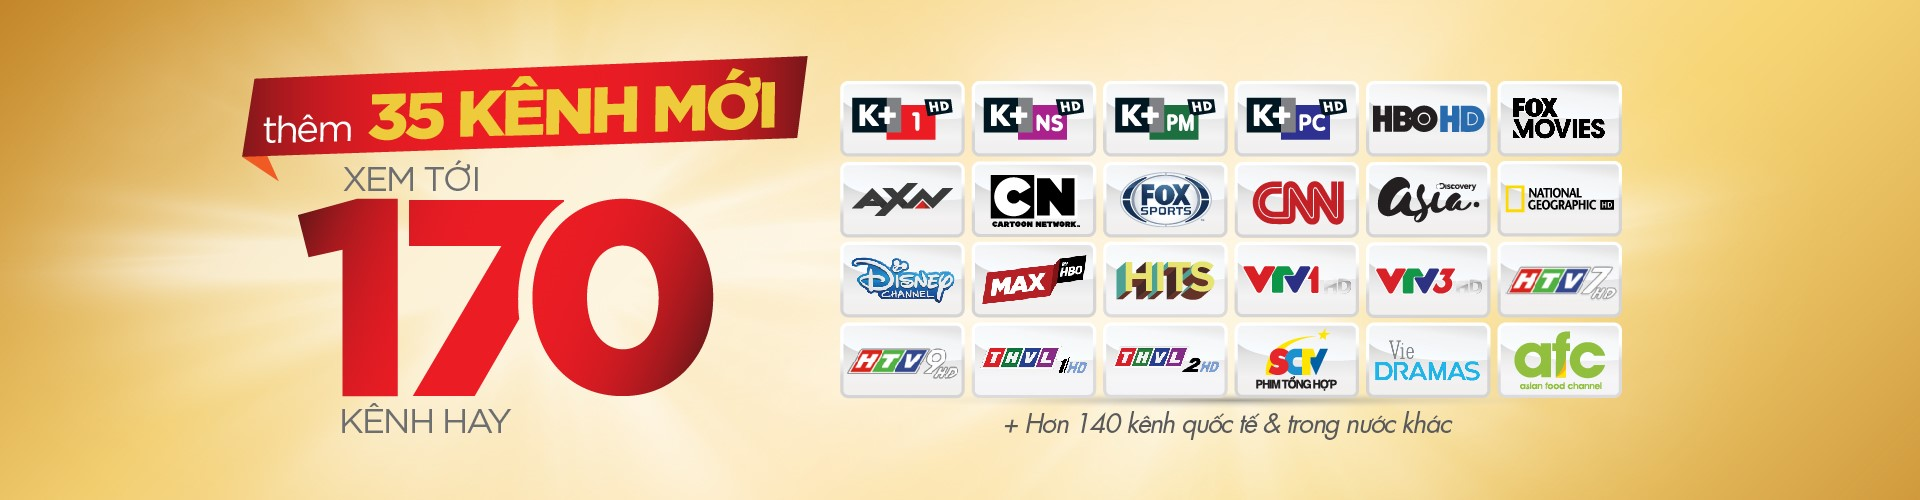 Khuyến mãi lắp đặt K+ tại Hà Nội, TP.HCM trong tháng 4